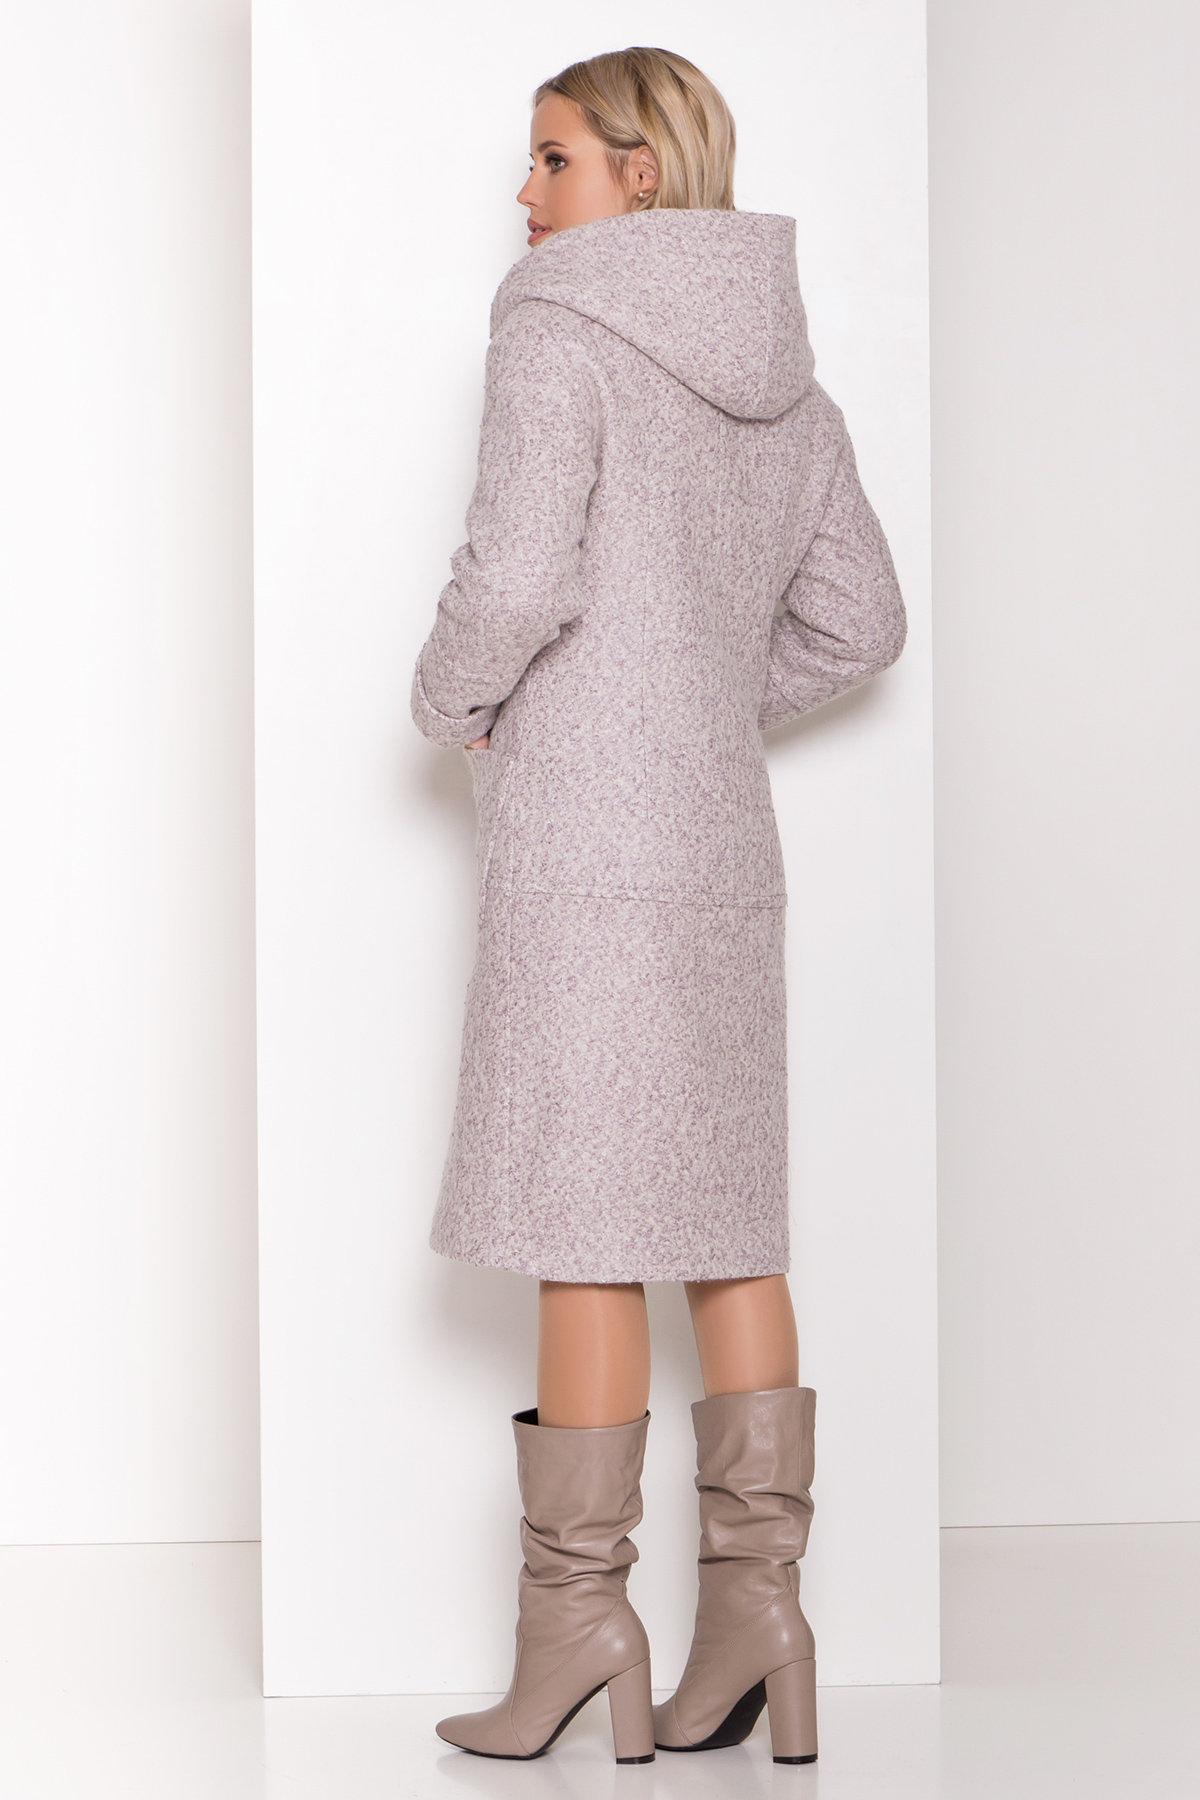 Пальто зима шерсть букле Анита 8320 АРТ. 44439 Цвет: Серый/бежевый 24 - фото 7, интернет магазин tm-modus.ru